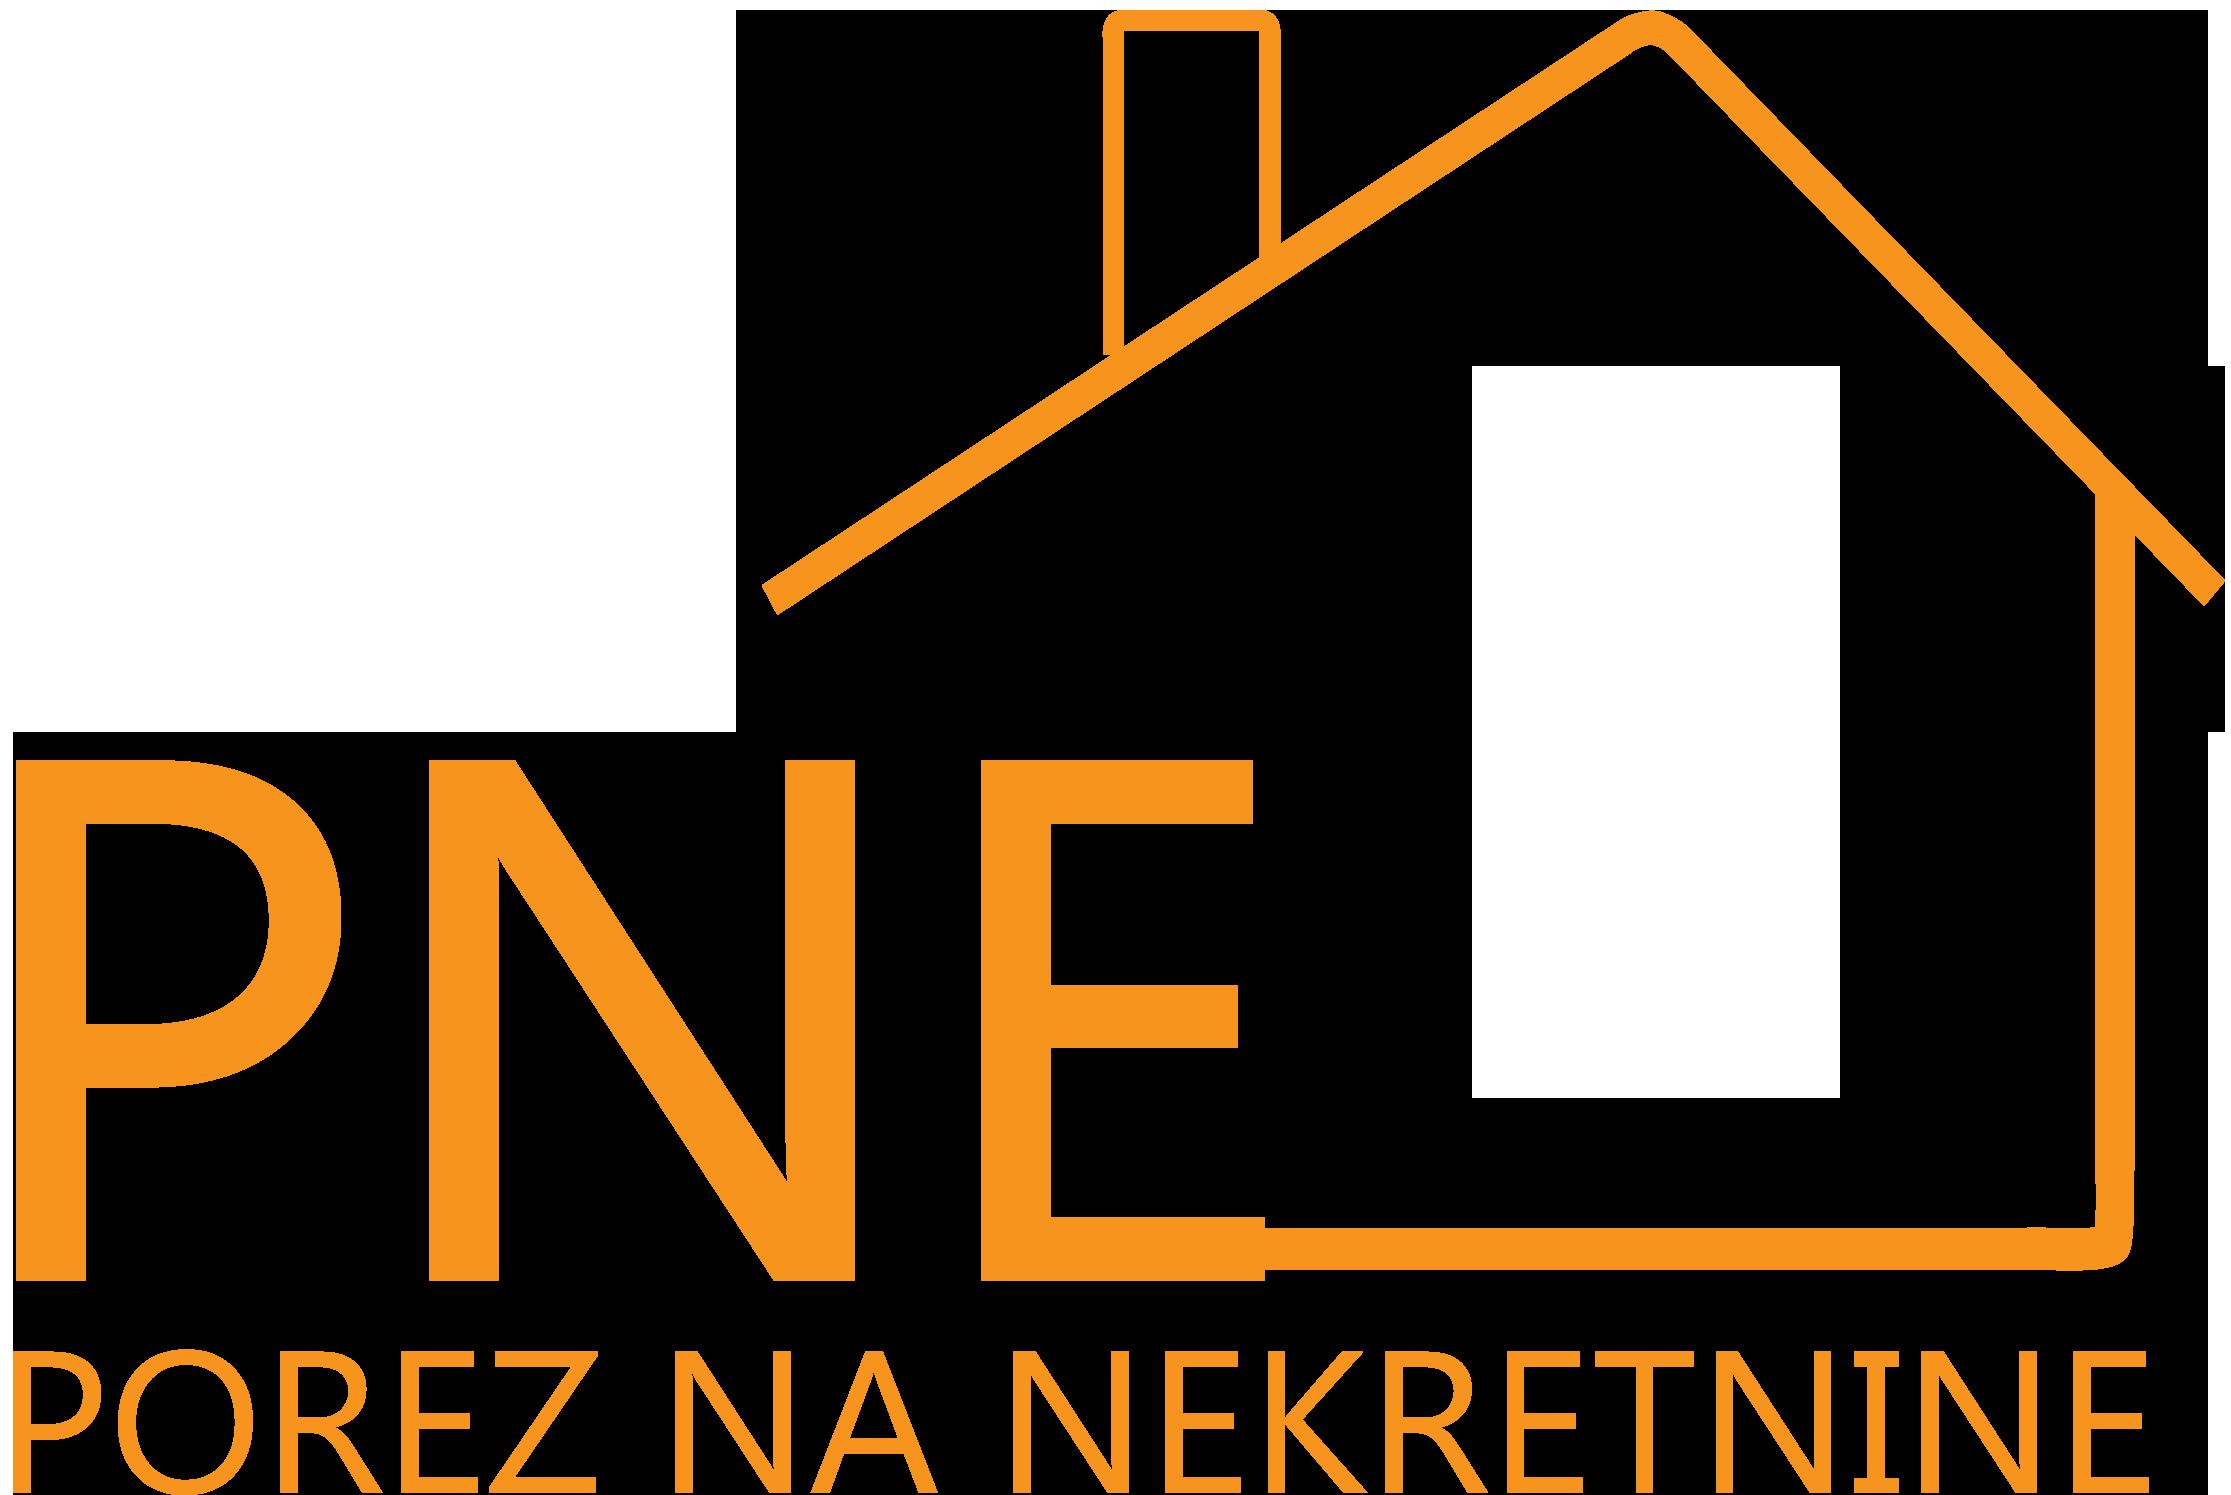 Porez-na-nekretnine-ikona-FINAL-1